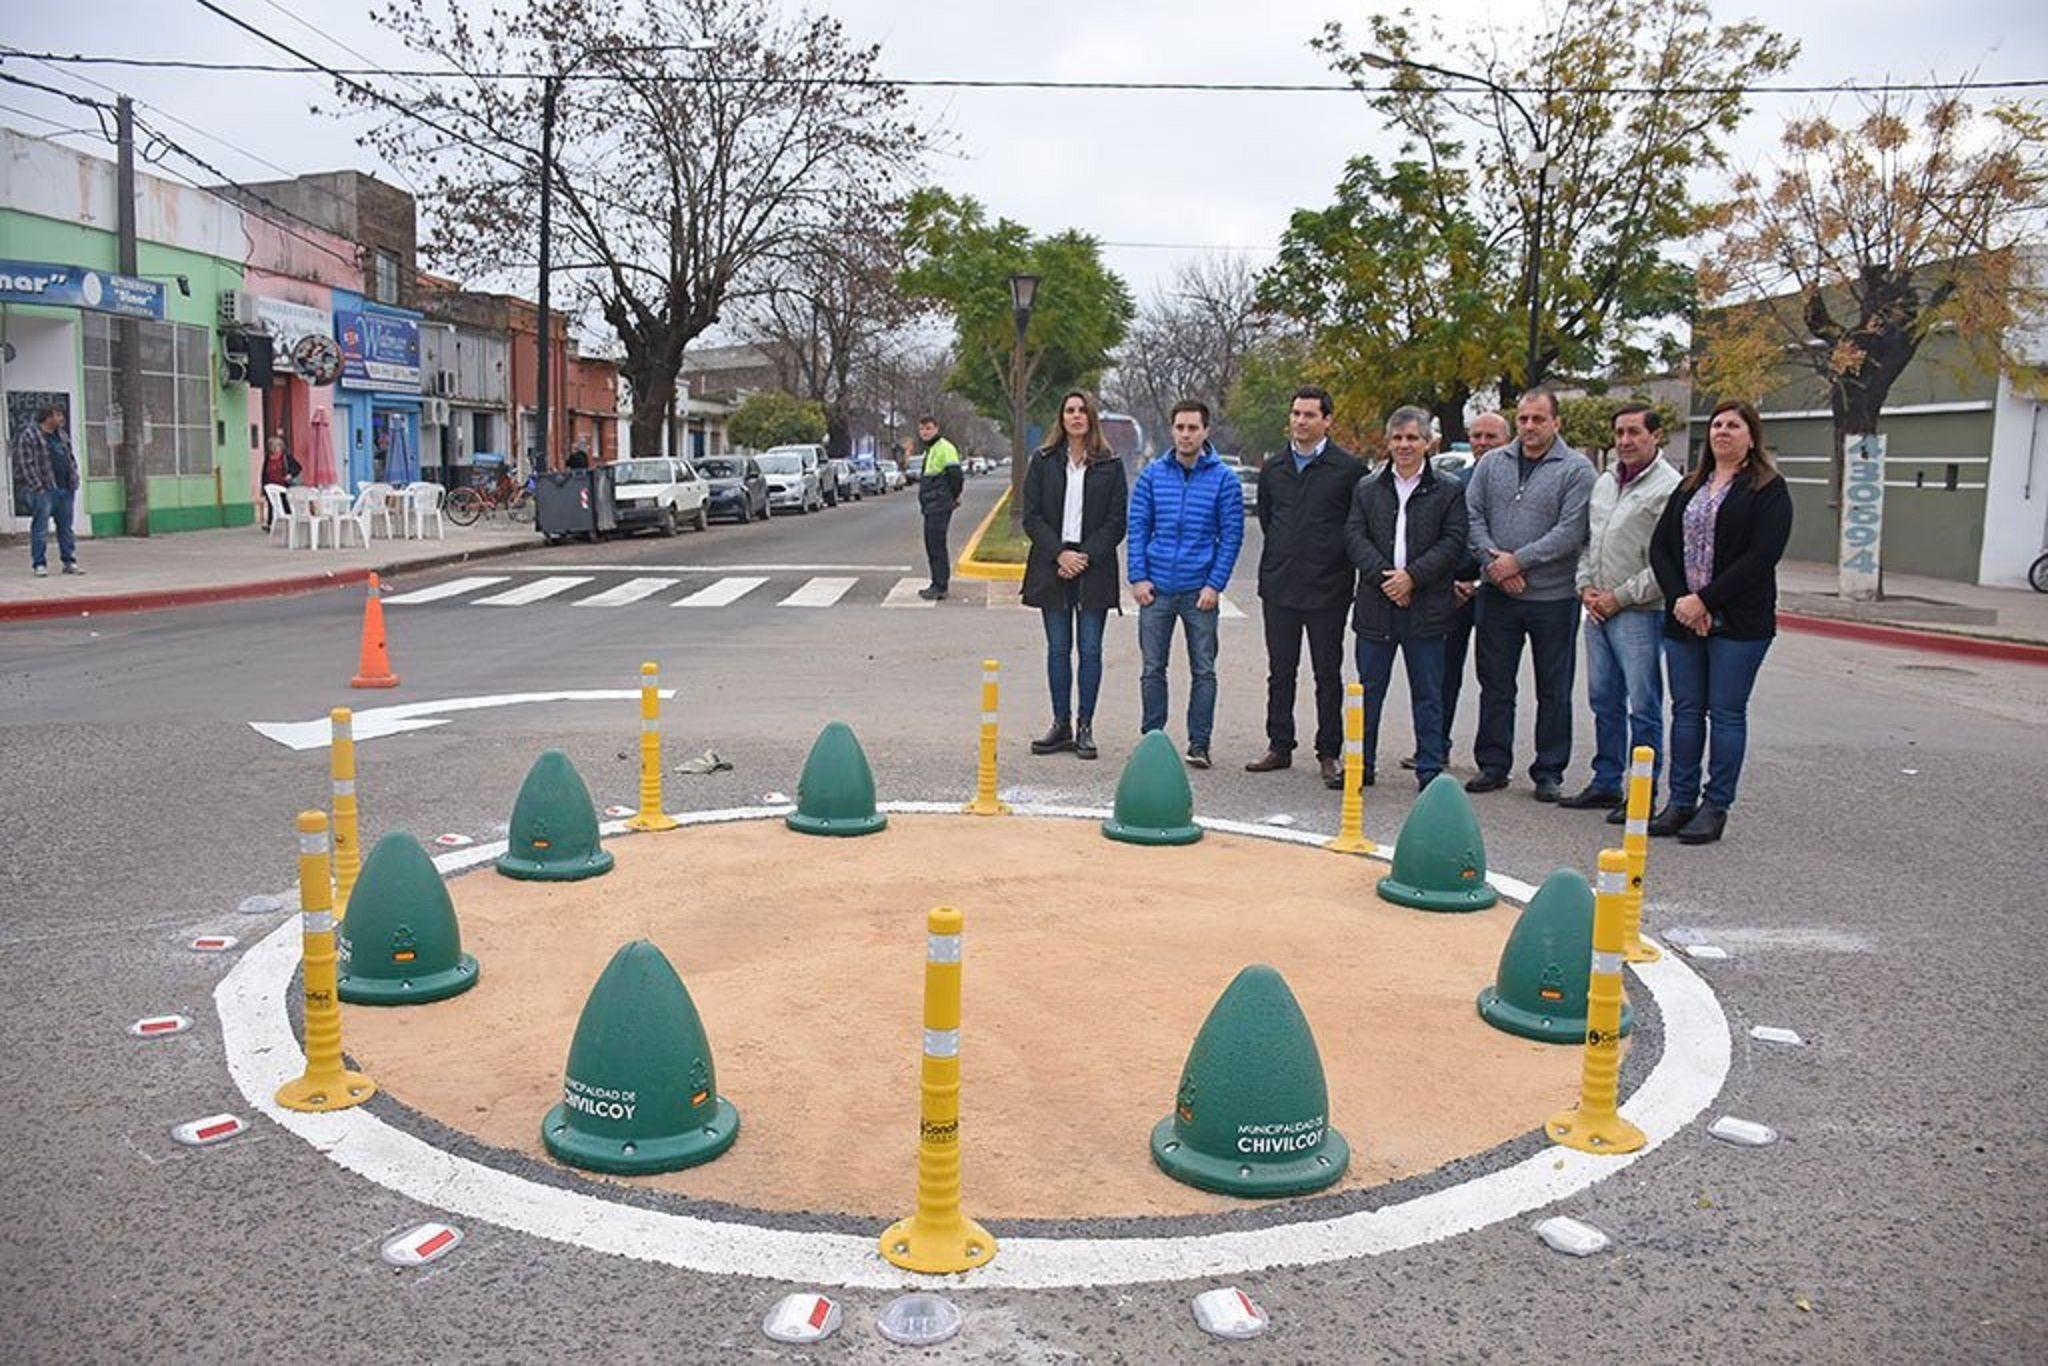 Un intendente de Cambiemos inauguró una pequeña rotonda en Chivilcoy y explotaron las burlas